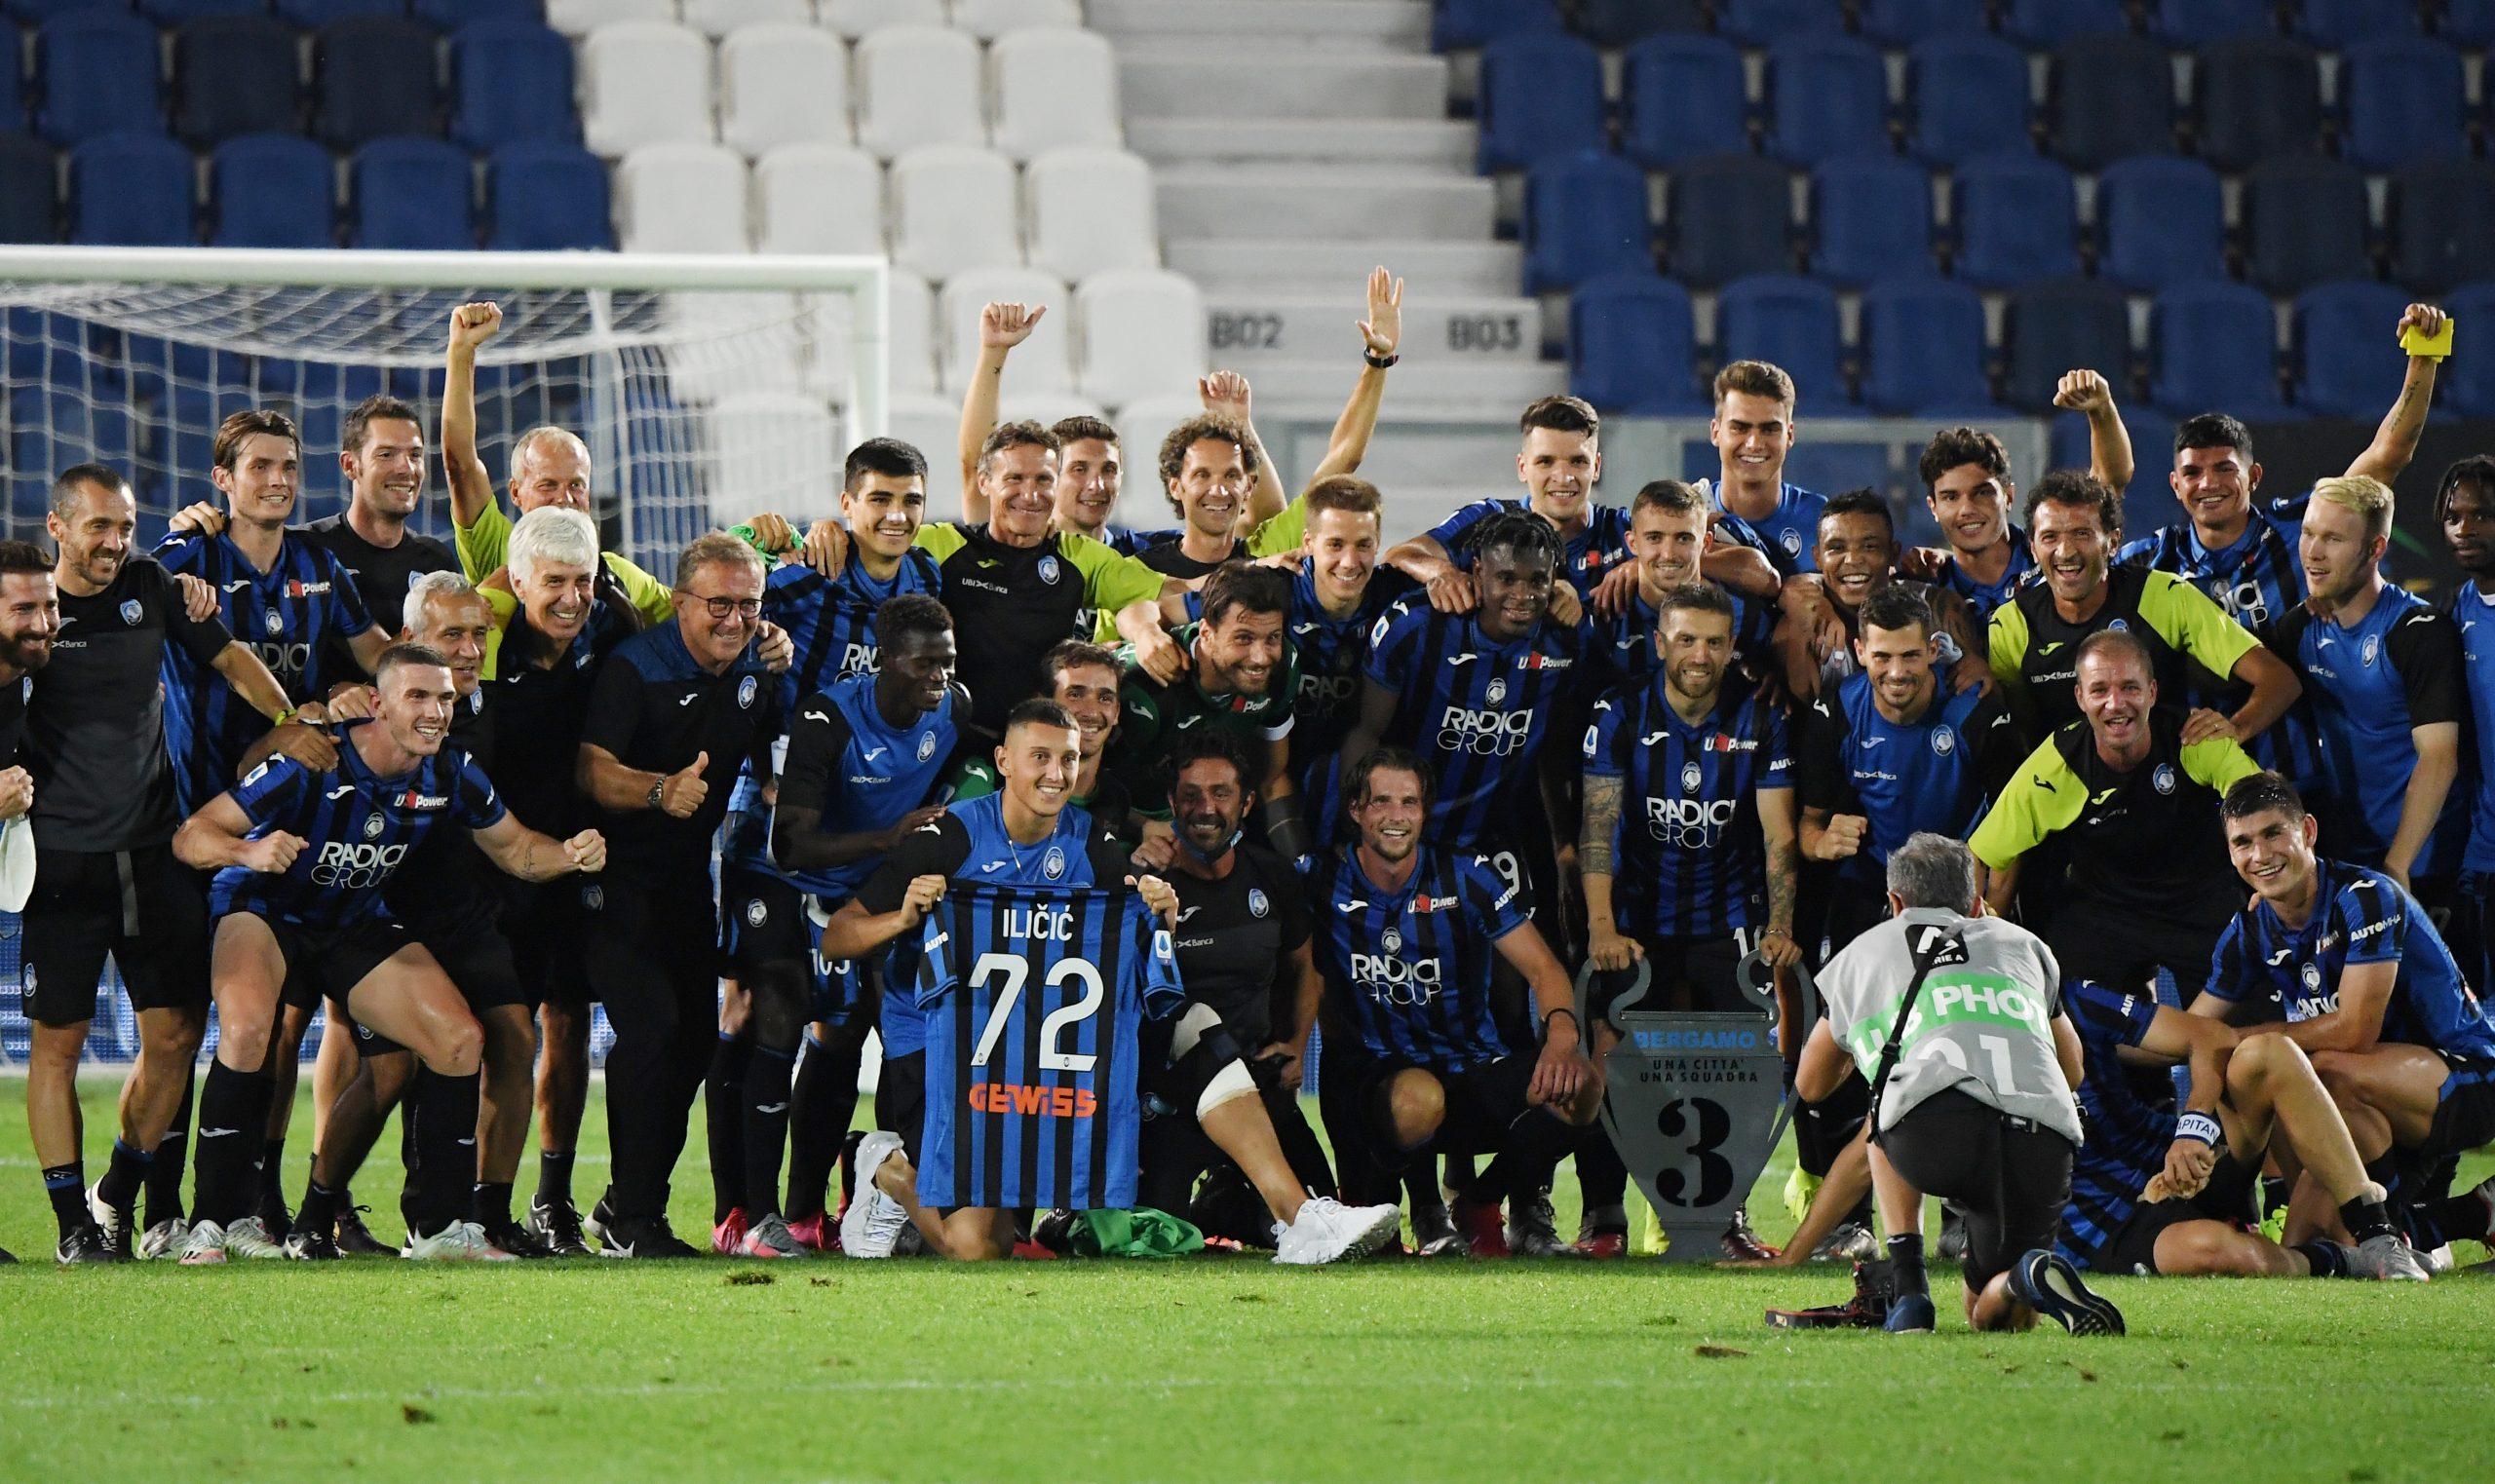 التحدي الشجاع لقب أتالانتا حامل اللواء الإيطالي في ربع النهائي